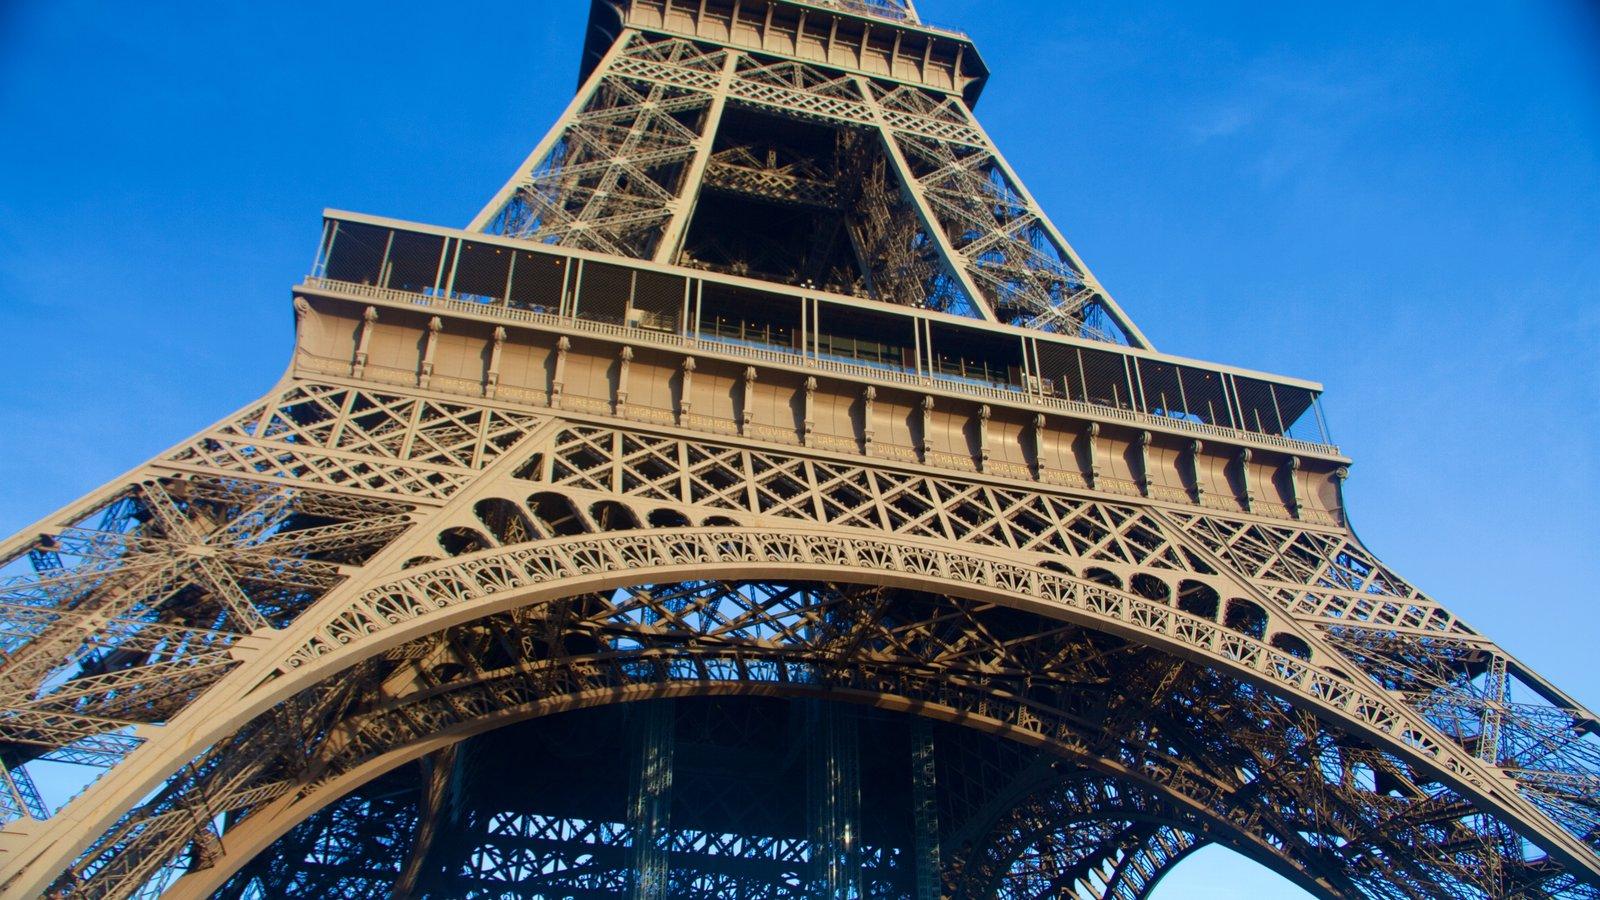 Torre Eiffel que inclui um monumento e elementos de patrimônio